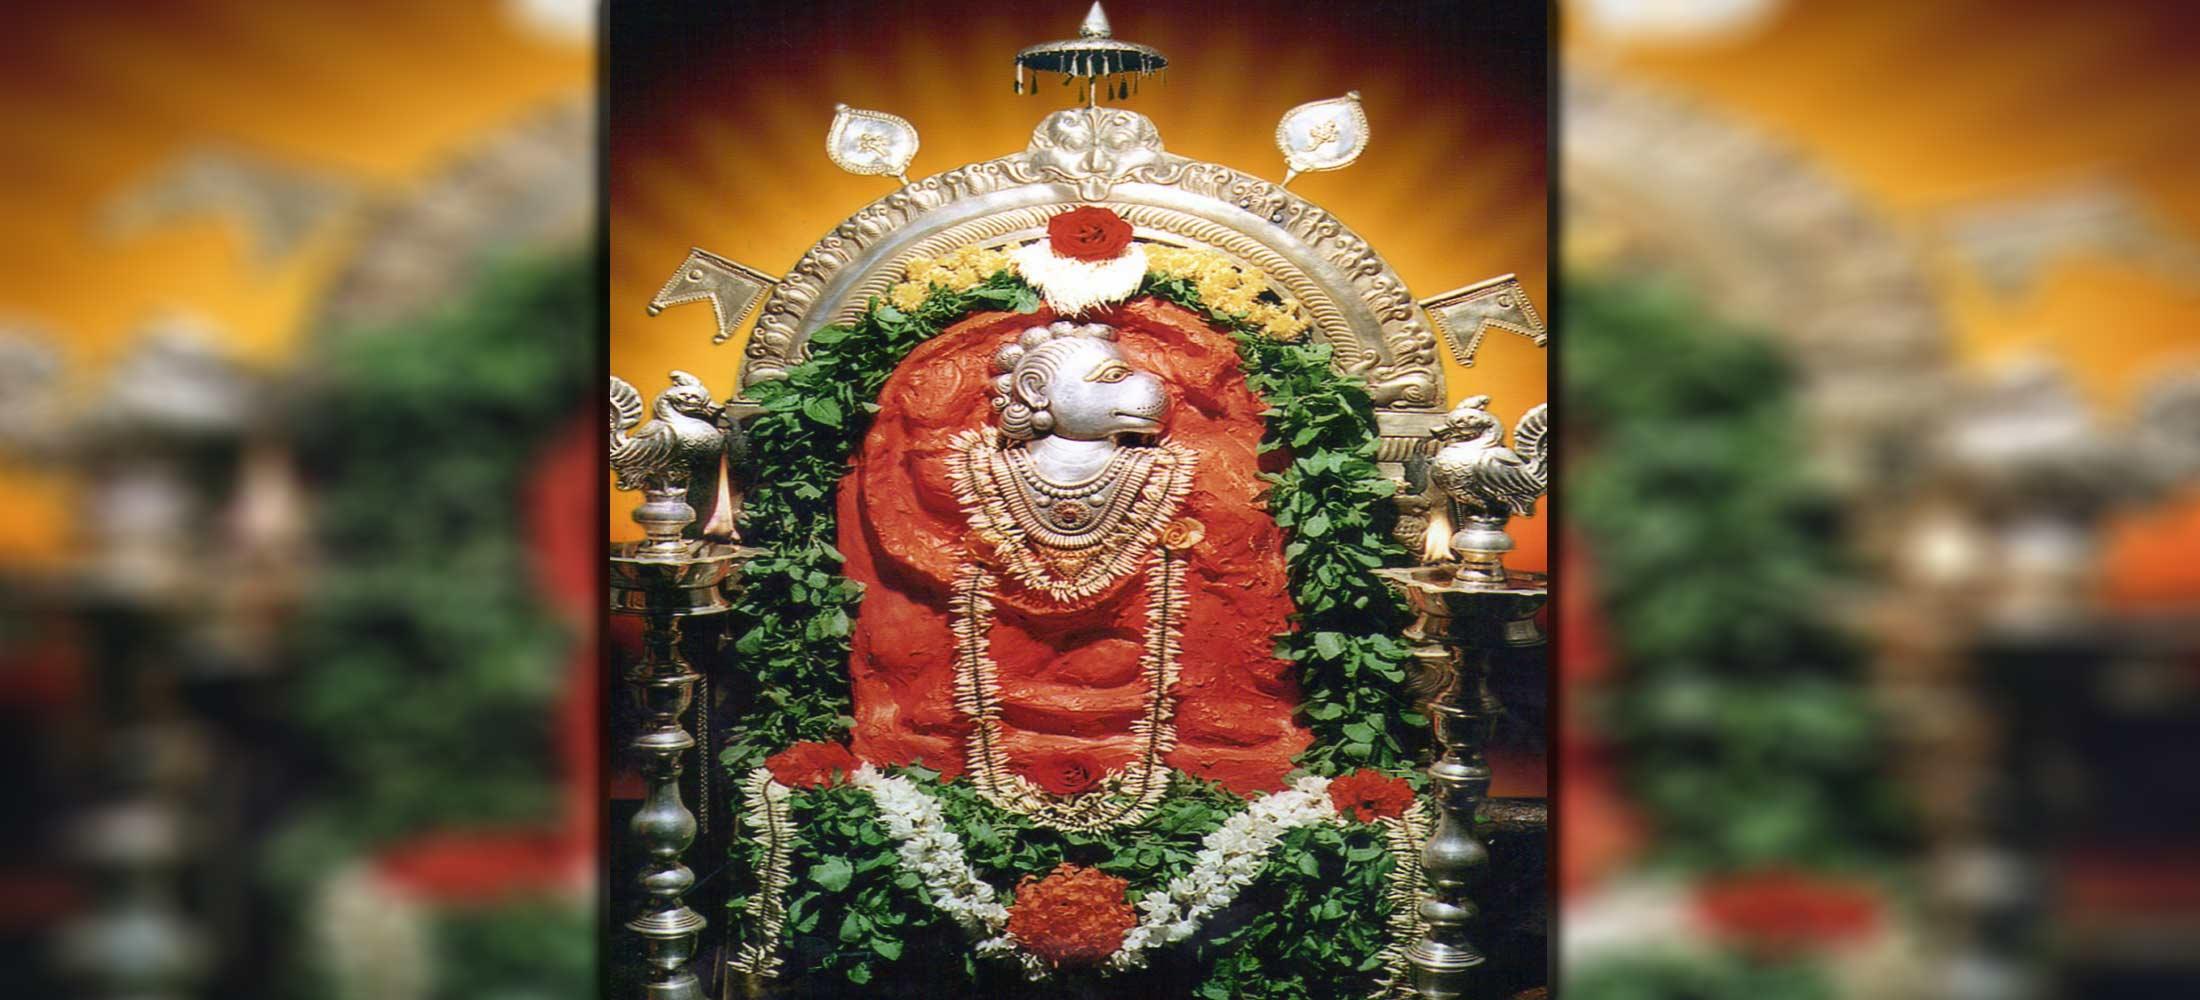 Sri Aanjaneya Swamy Saligrama